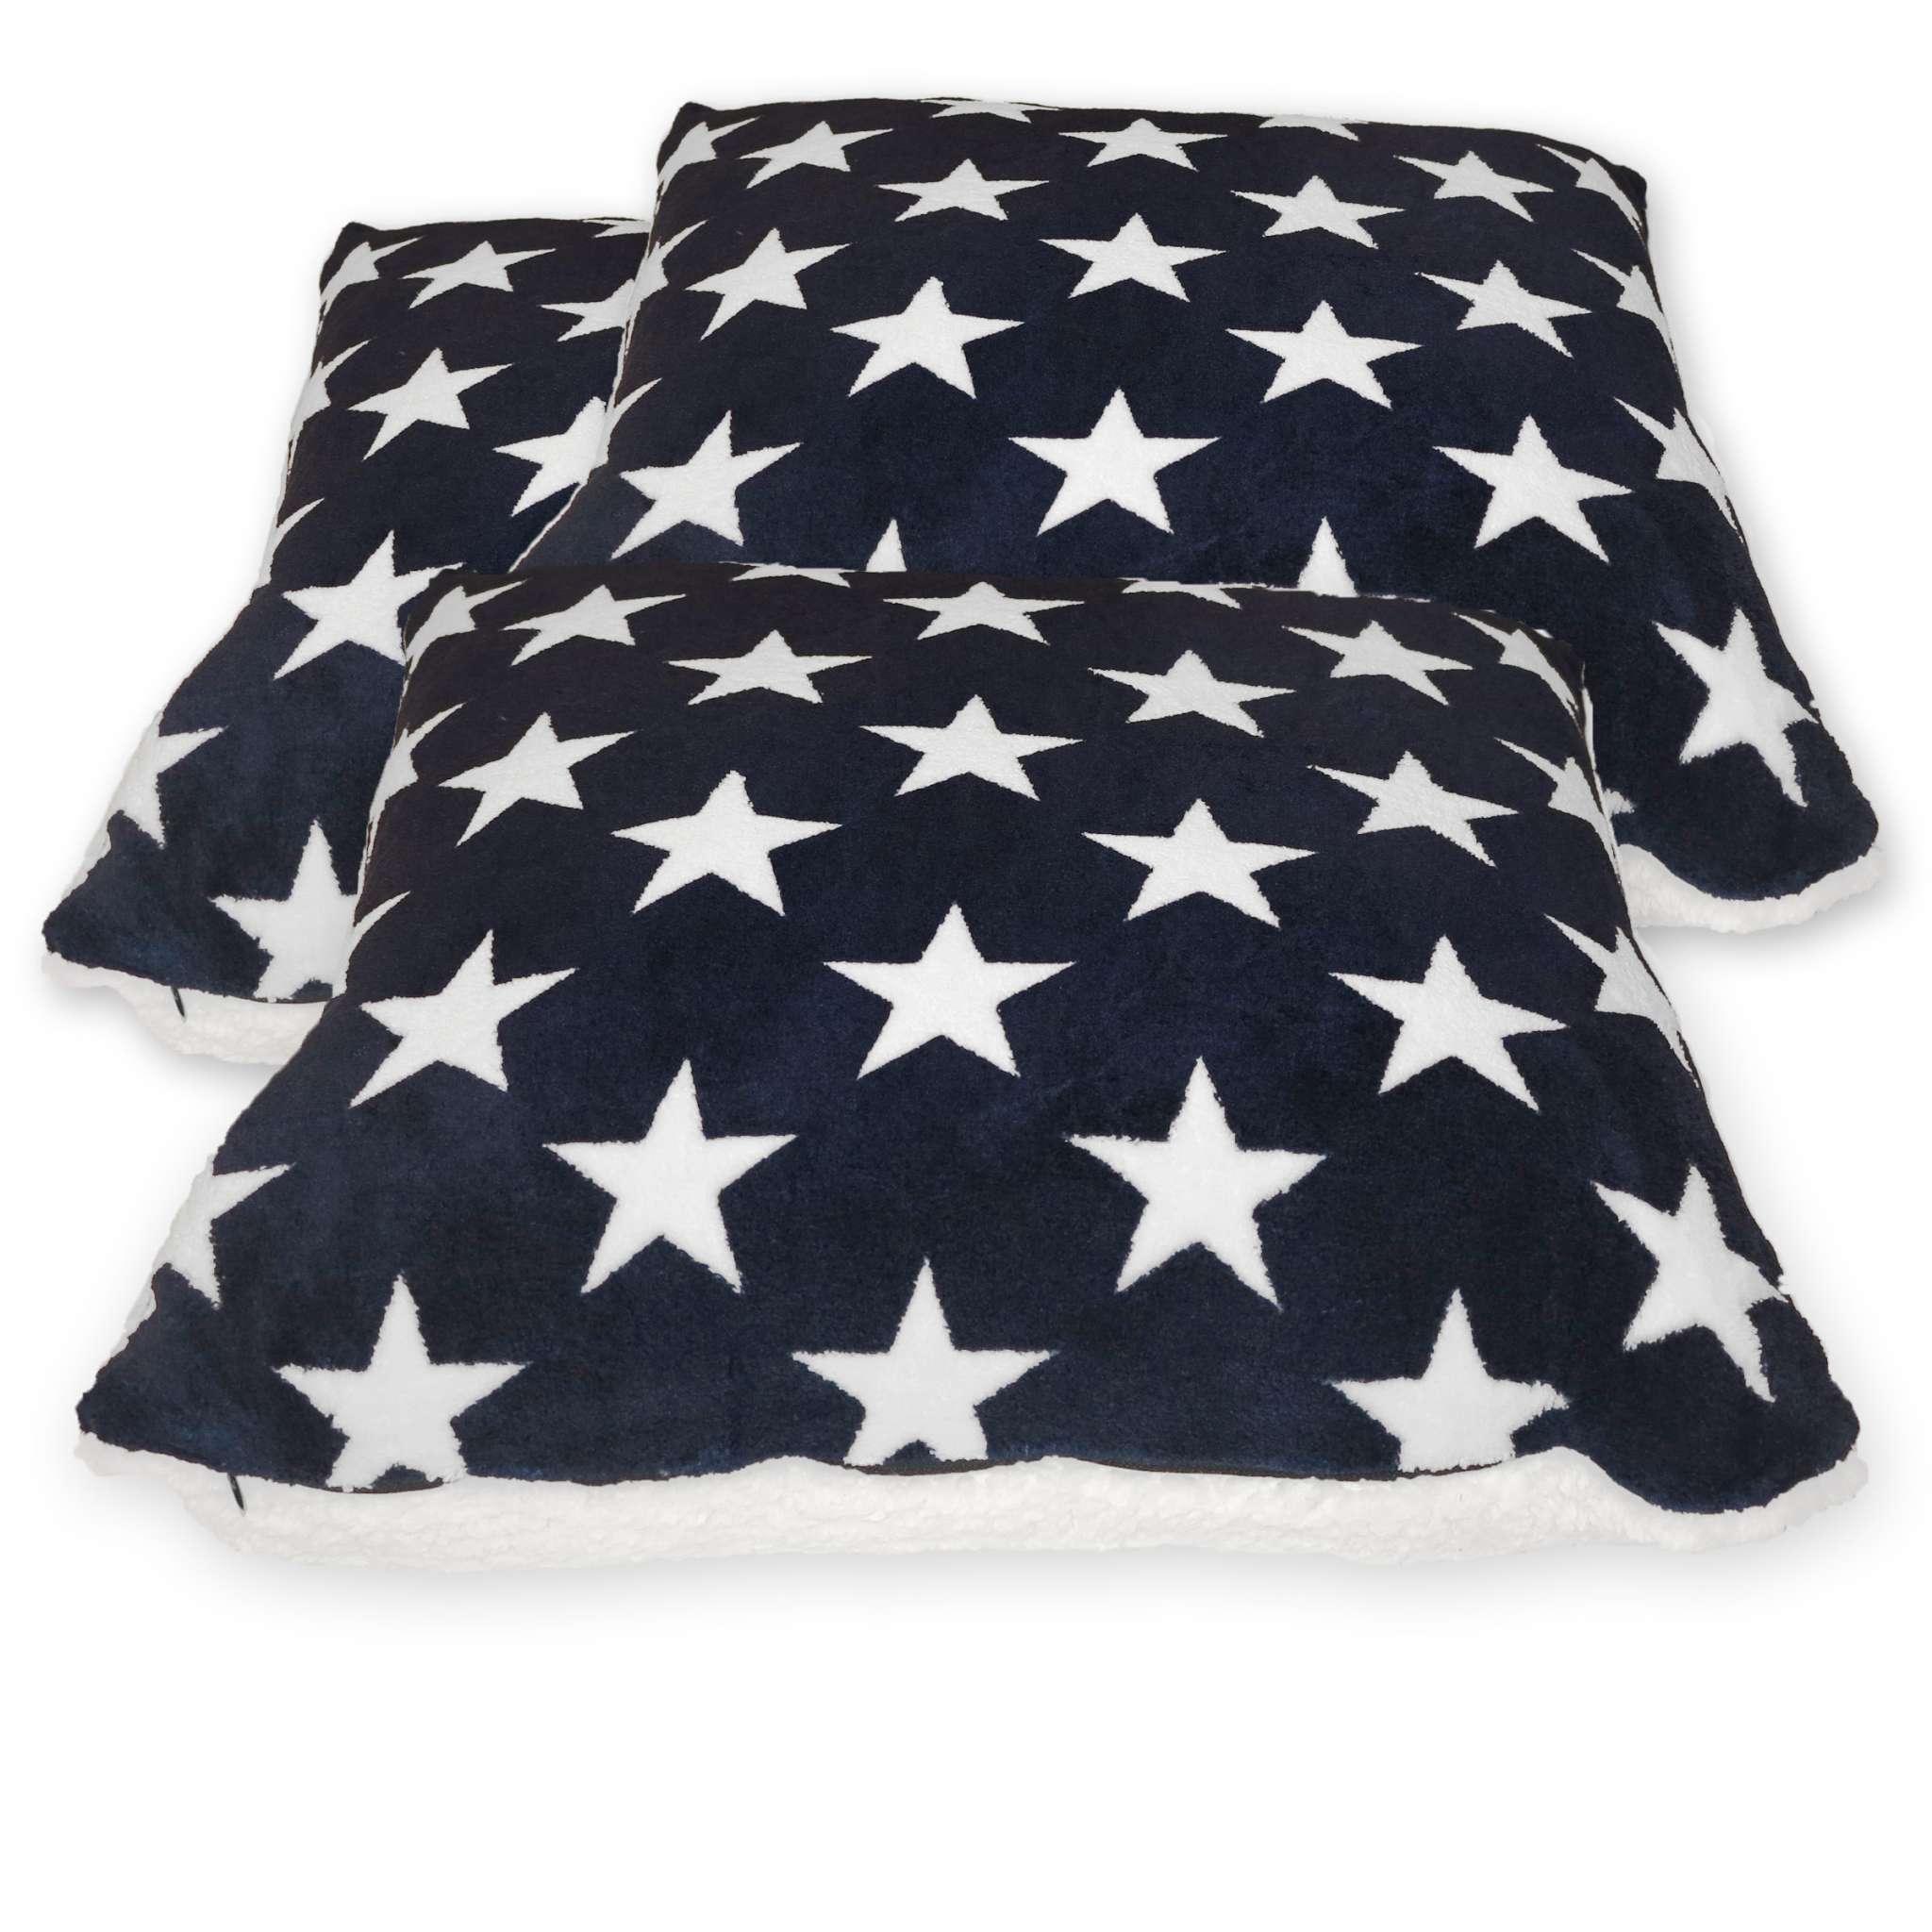 Kissen mit Sternen-Set, Westport, 3-teilig